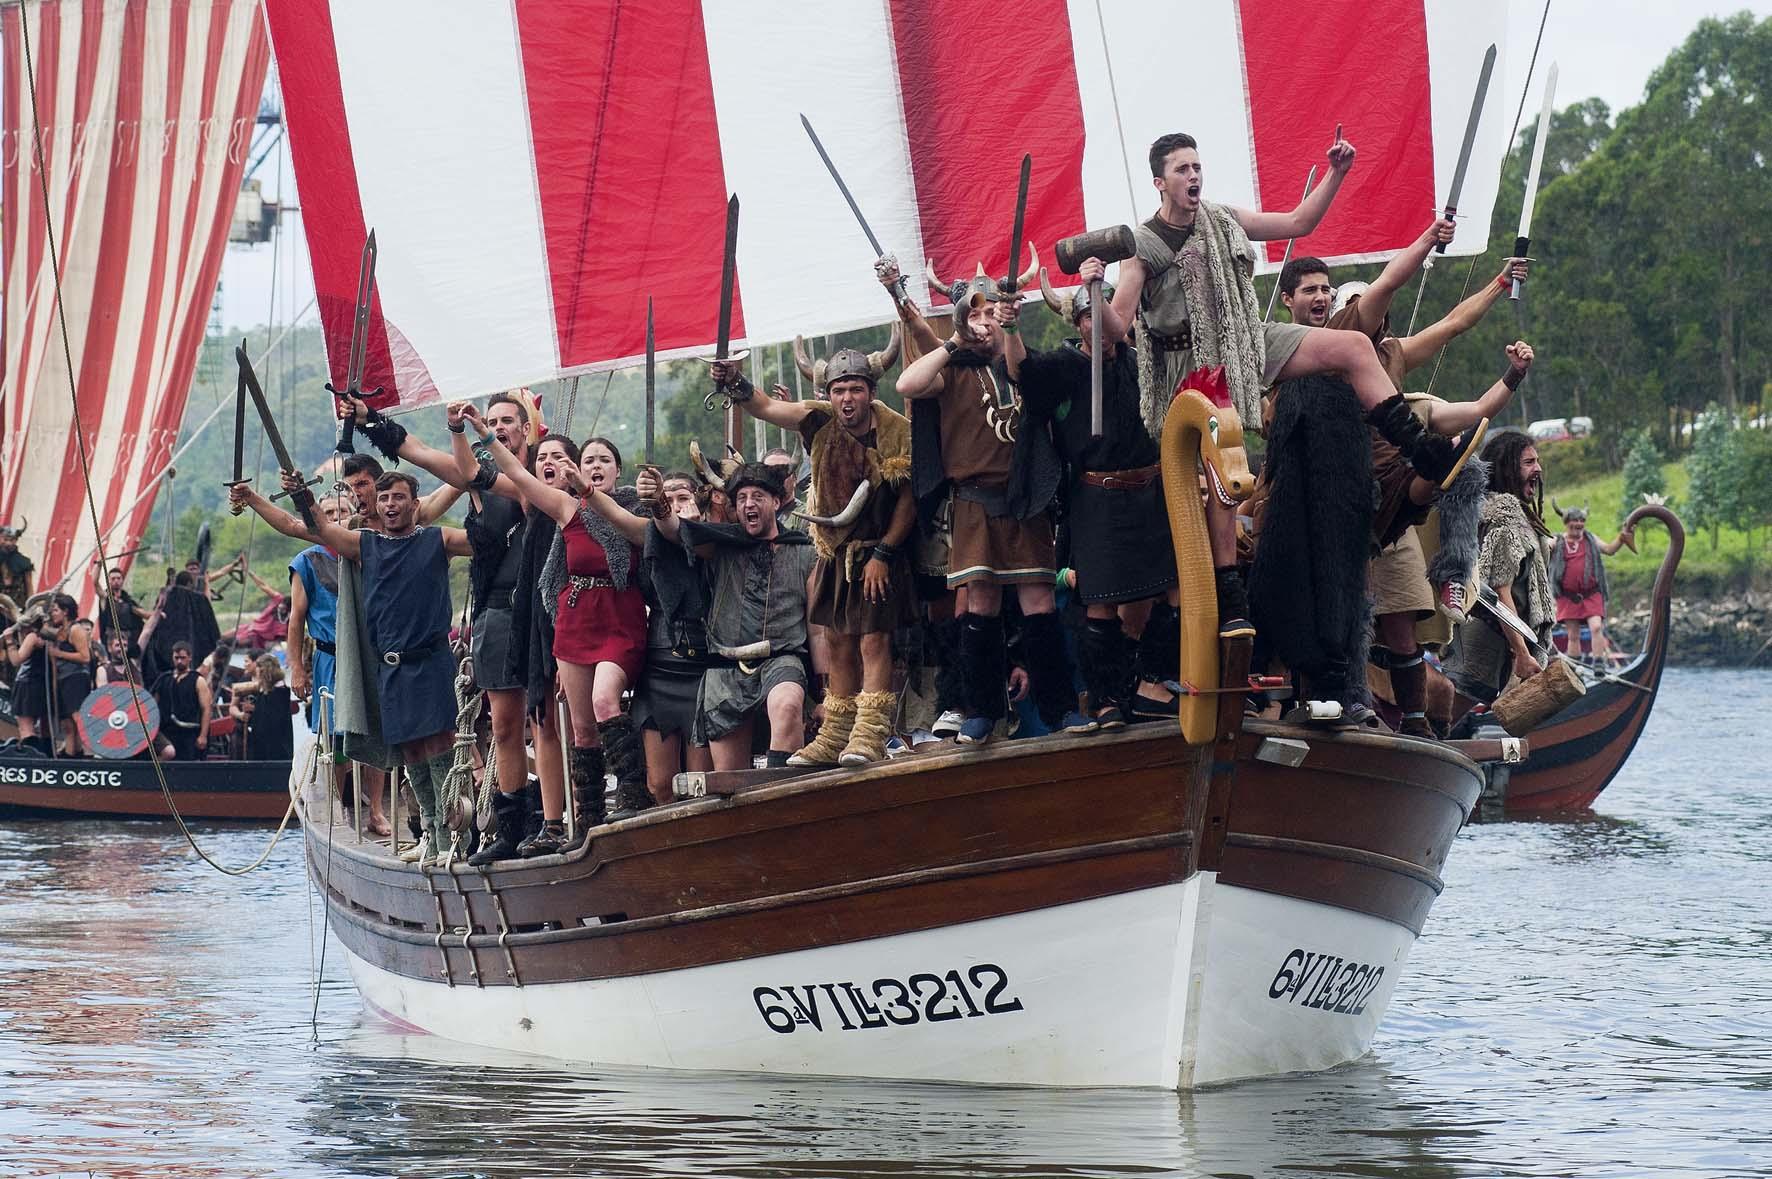 Romería Vikinga Catoira, Pontevedra, Galicia